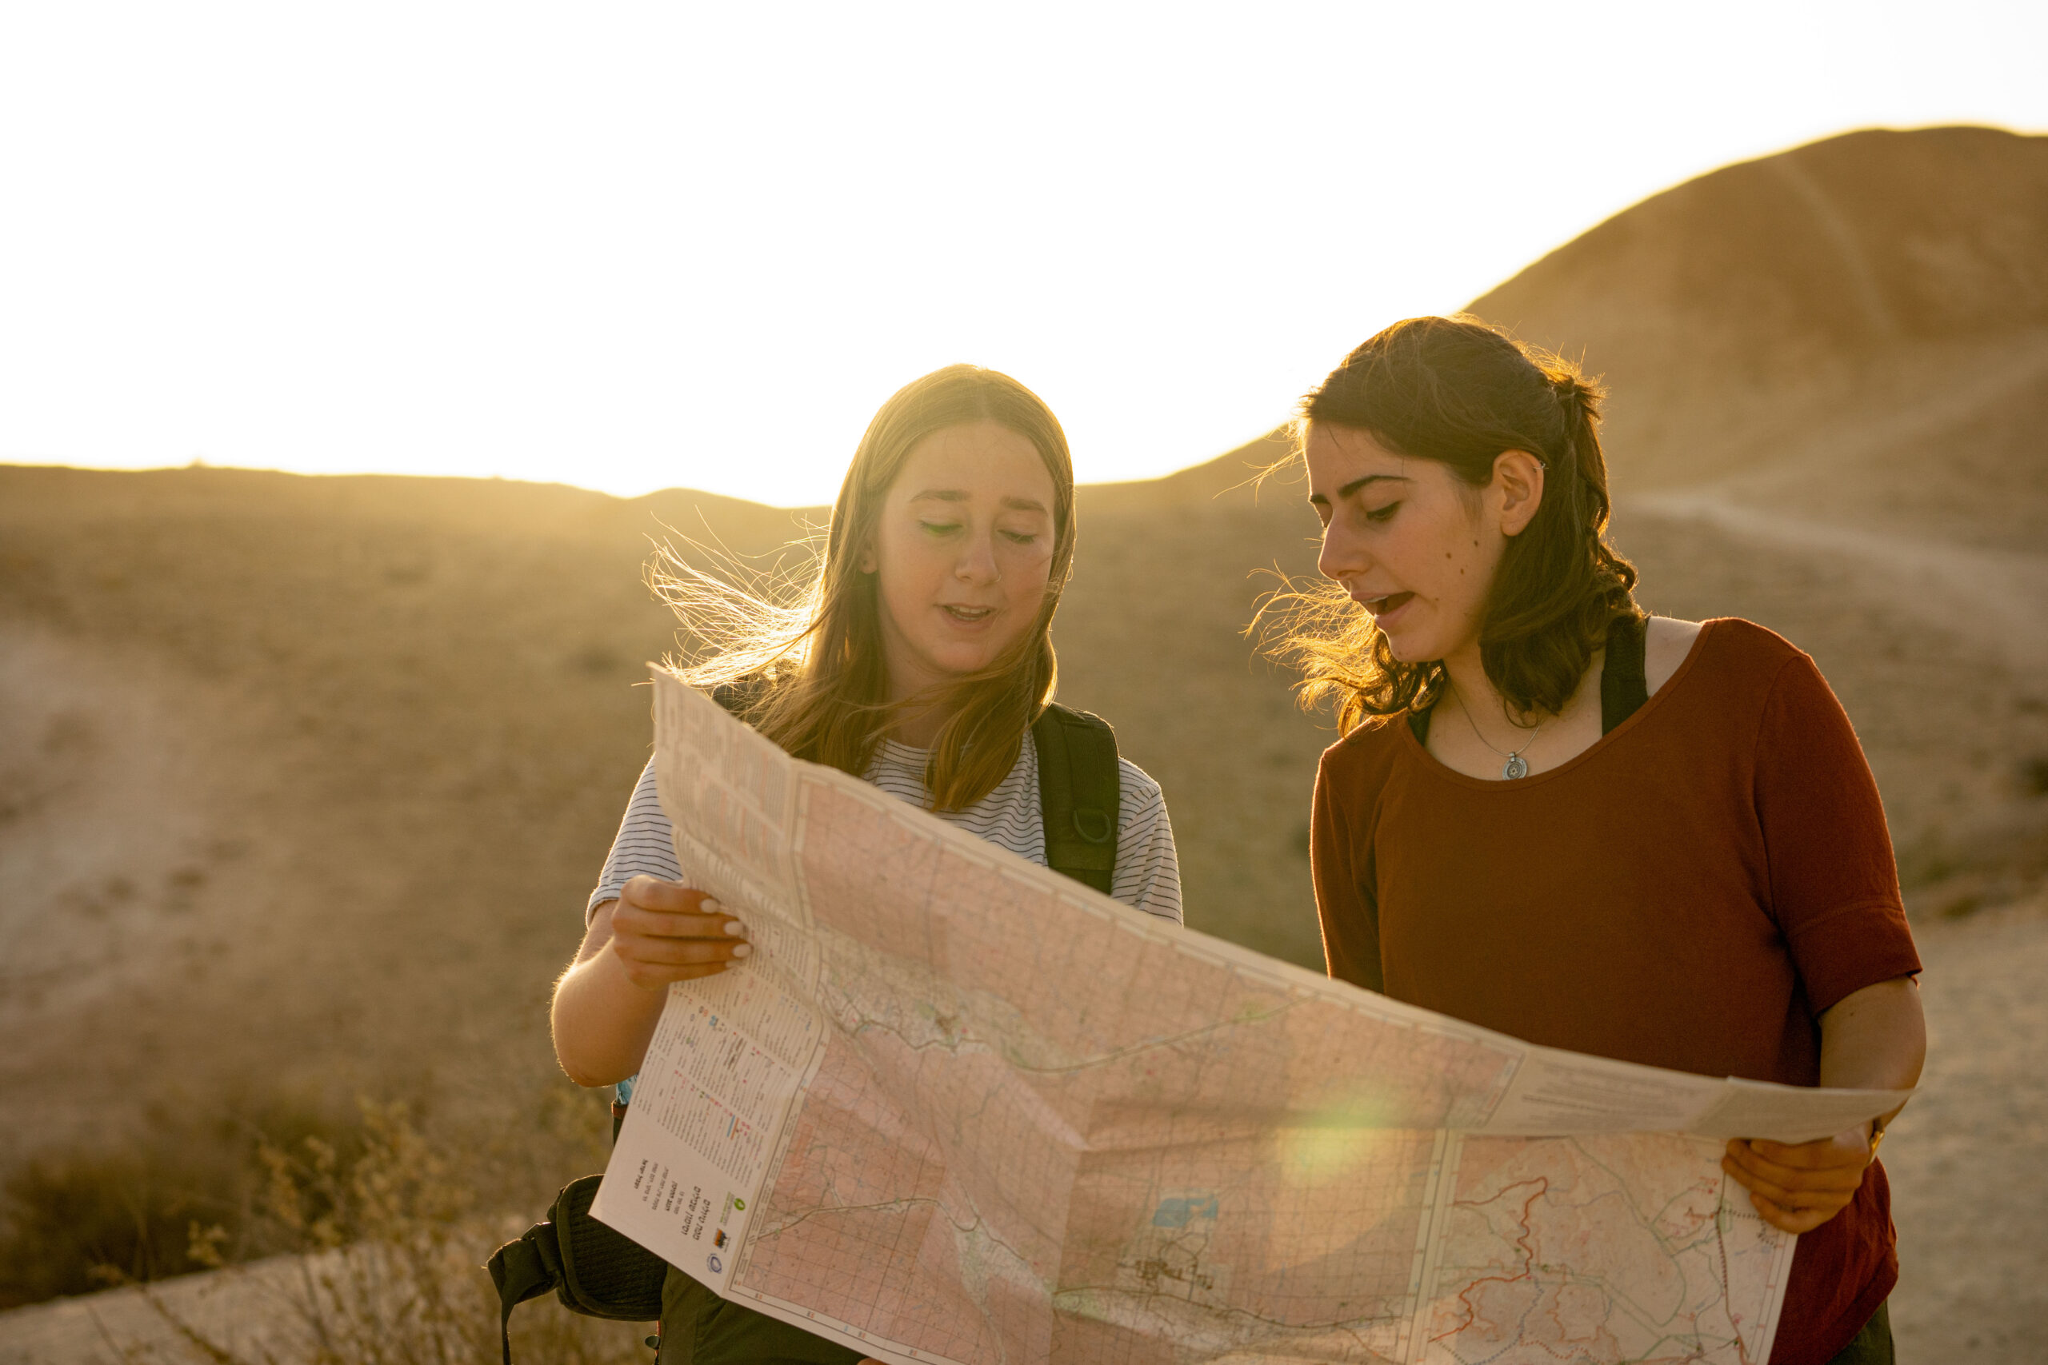 נערות מסתכלות במפה בנחל חווארים בשקיעה